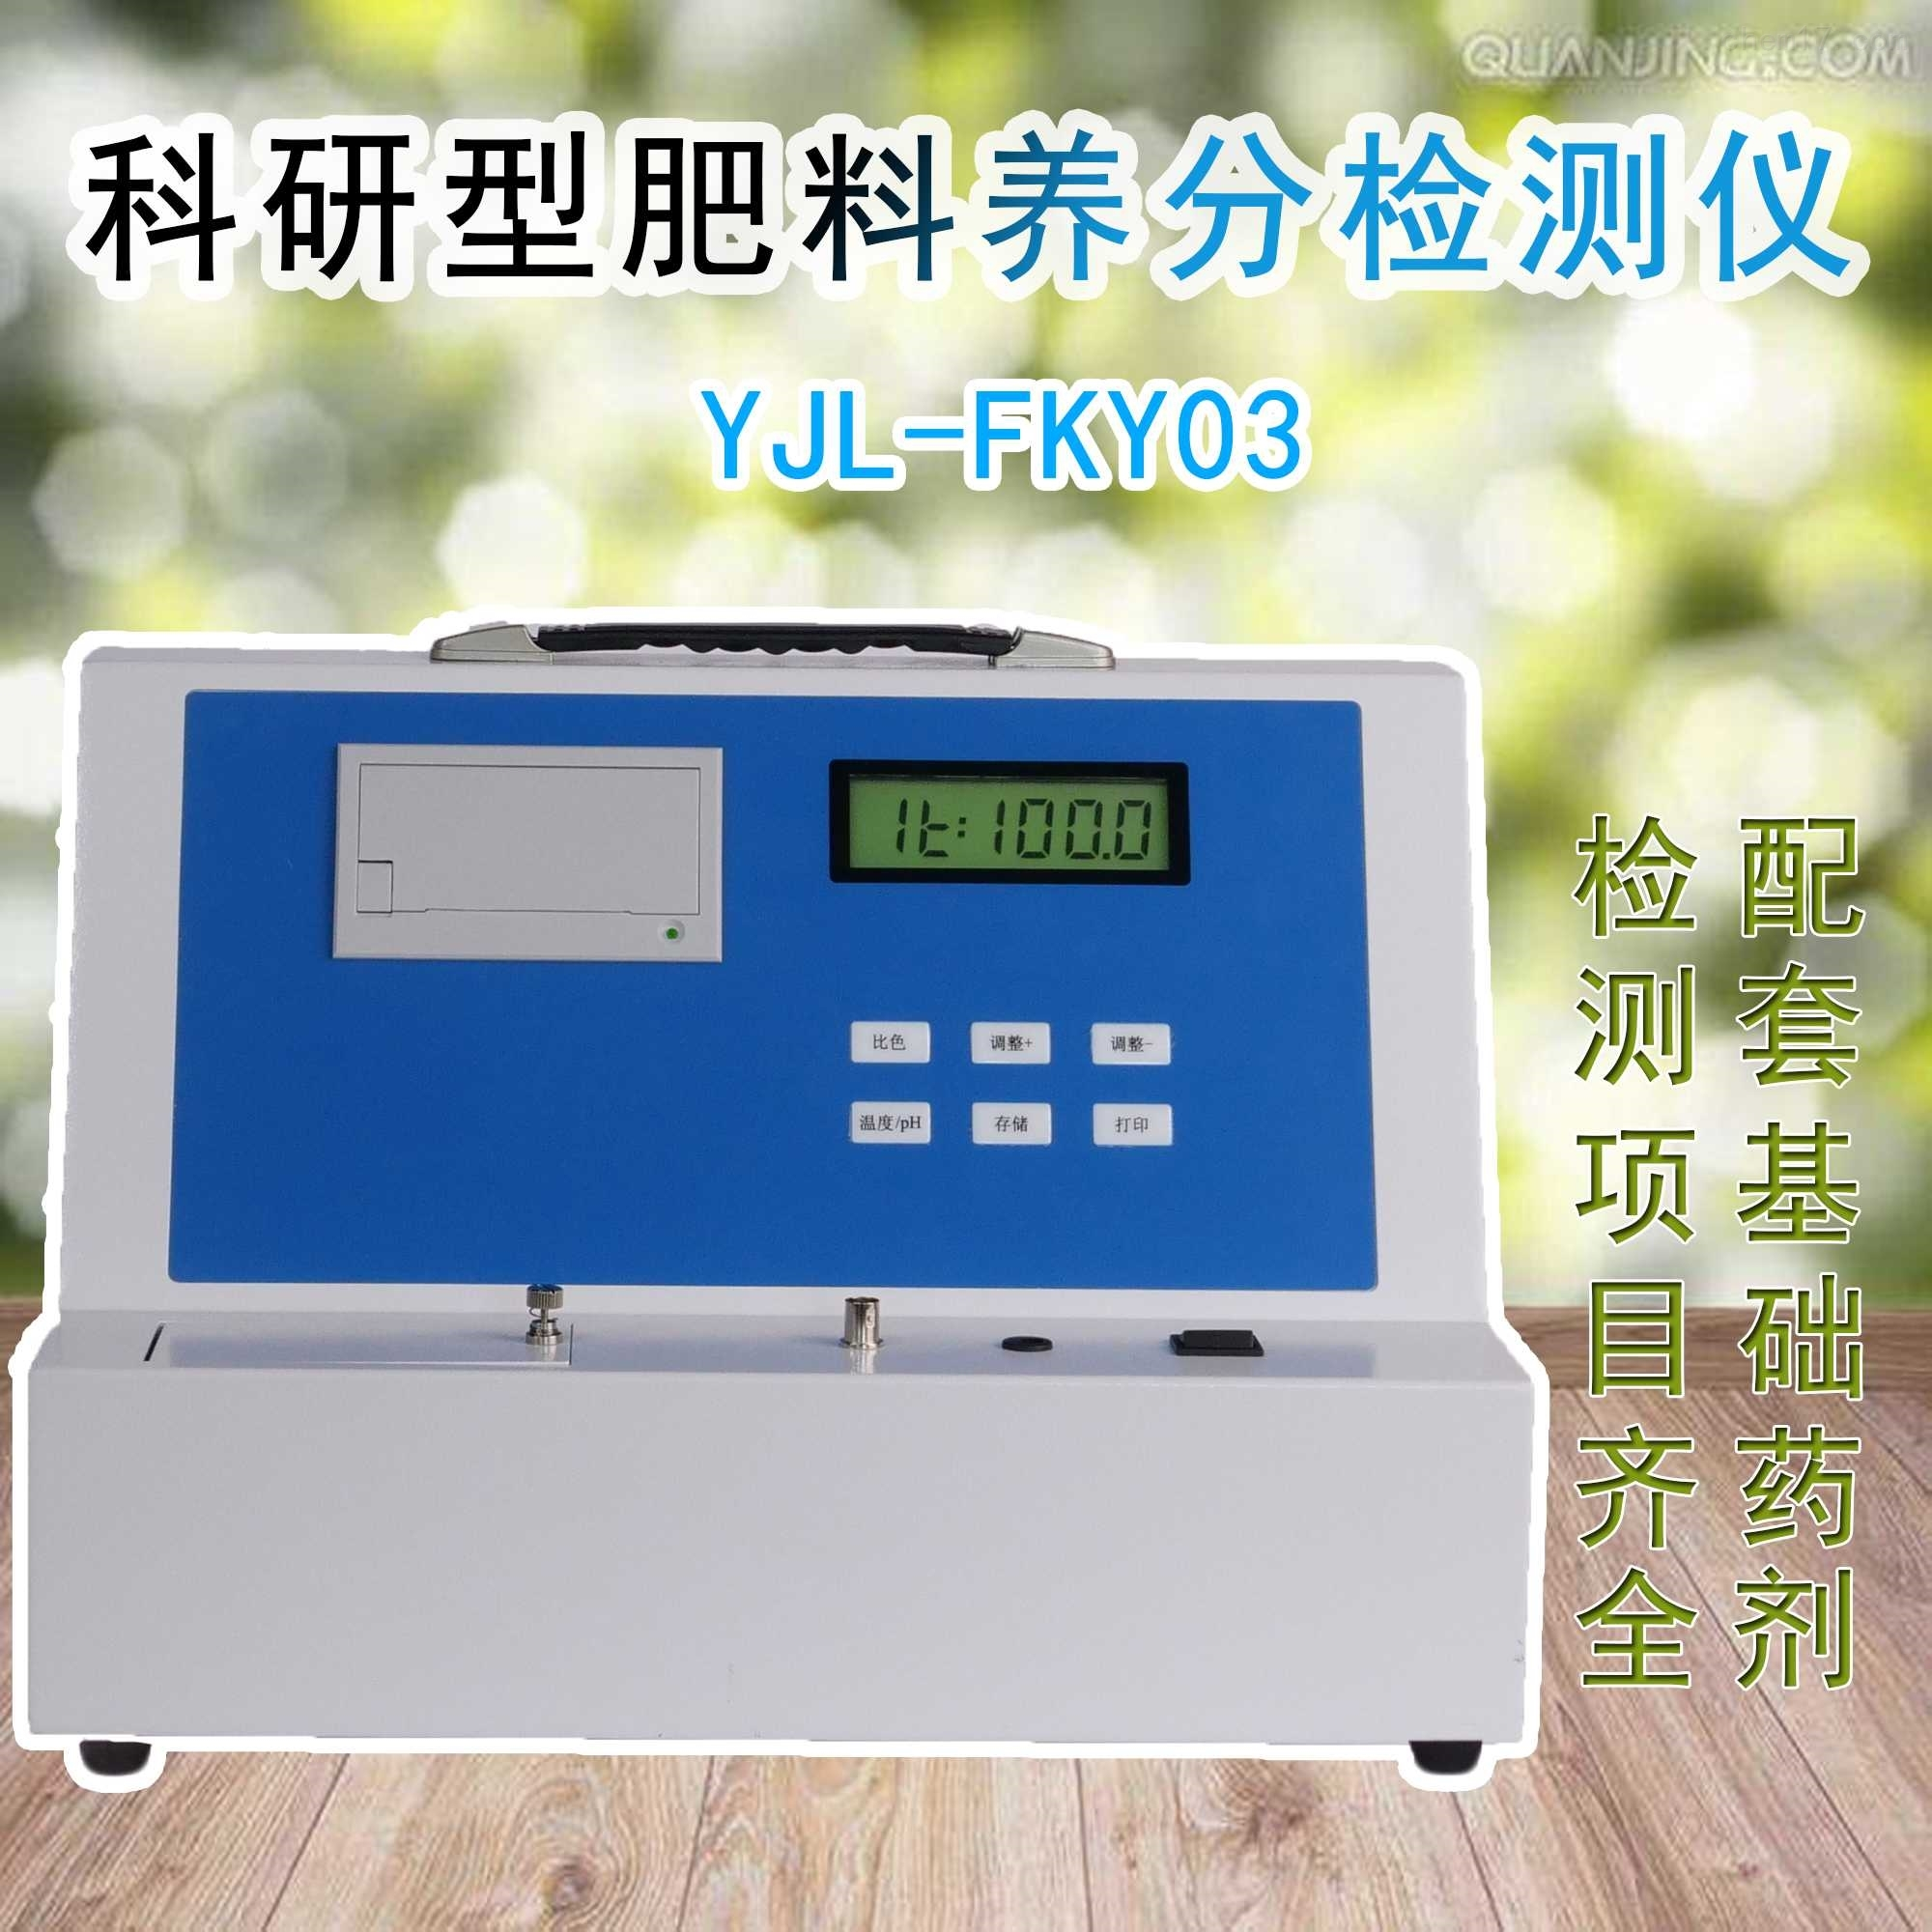 YJL-FKY03科研型肥料养分检测仪